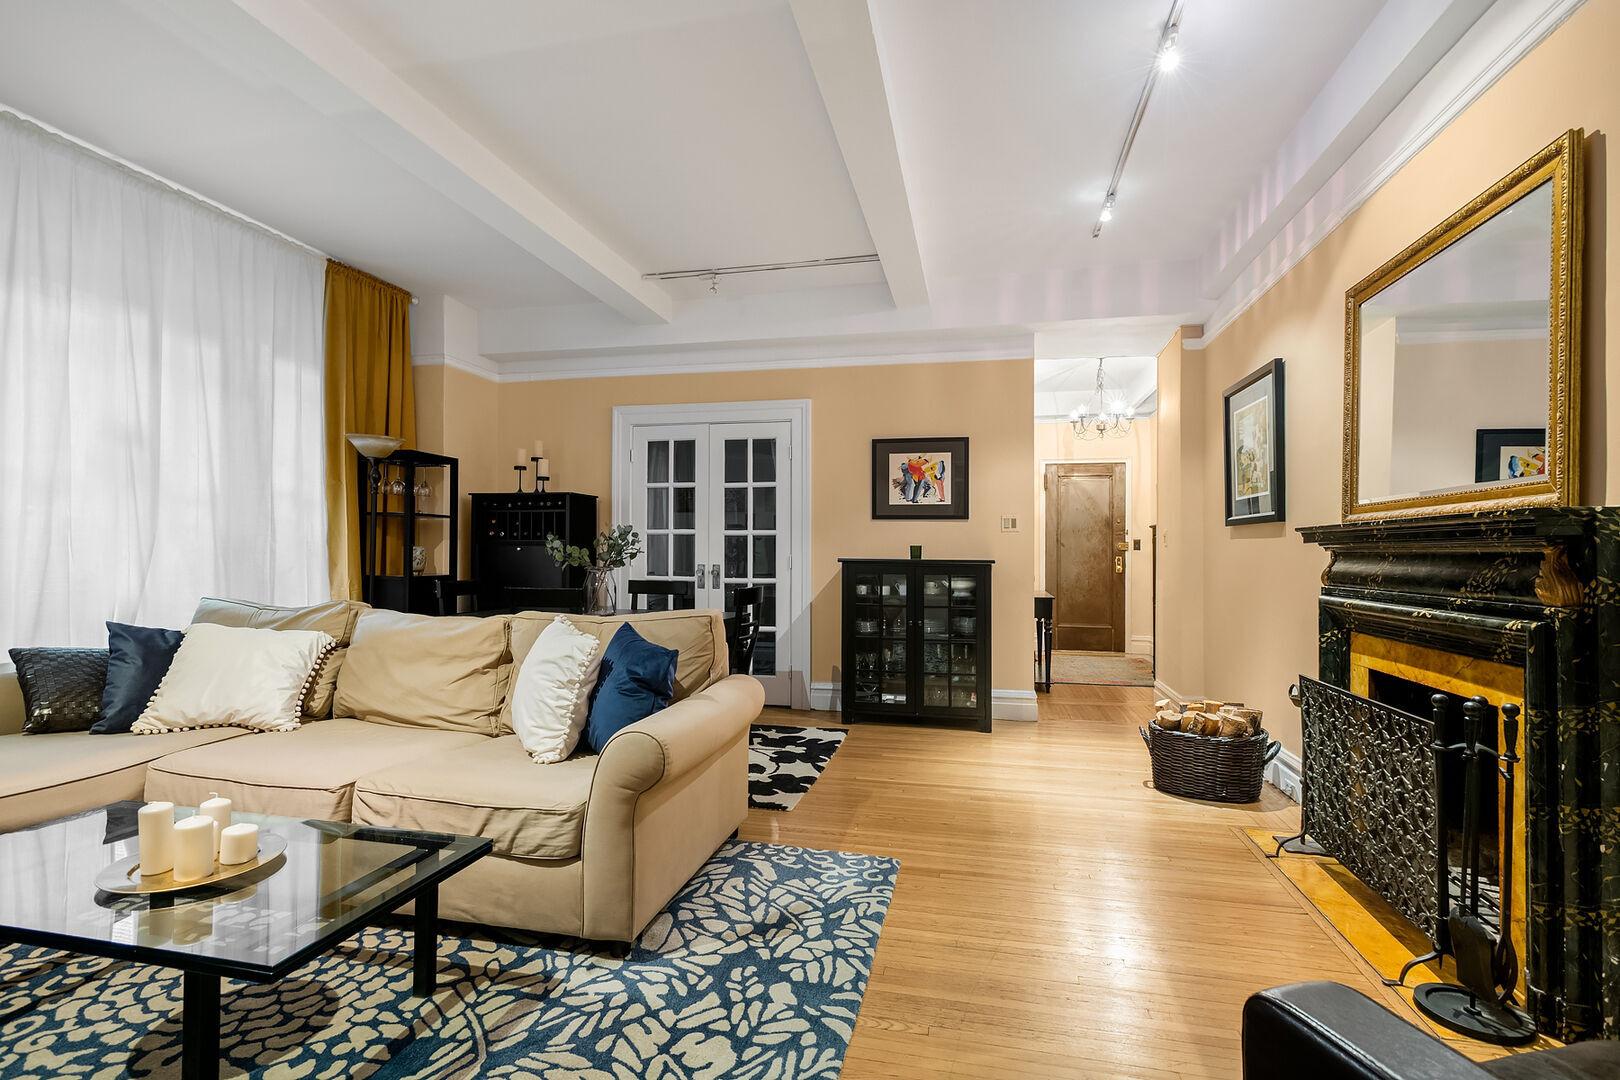 Apartment for sale at 77 Park Avenue, Apt 3-H